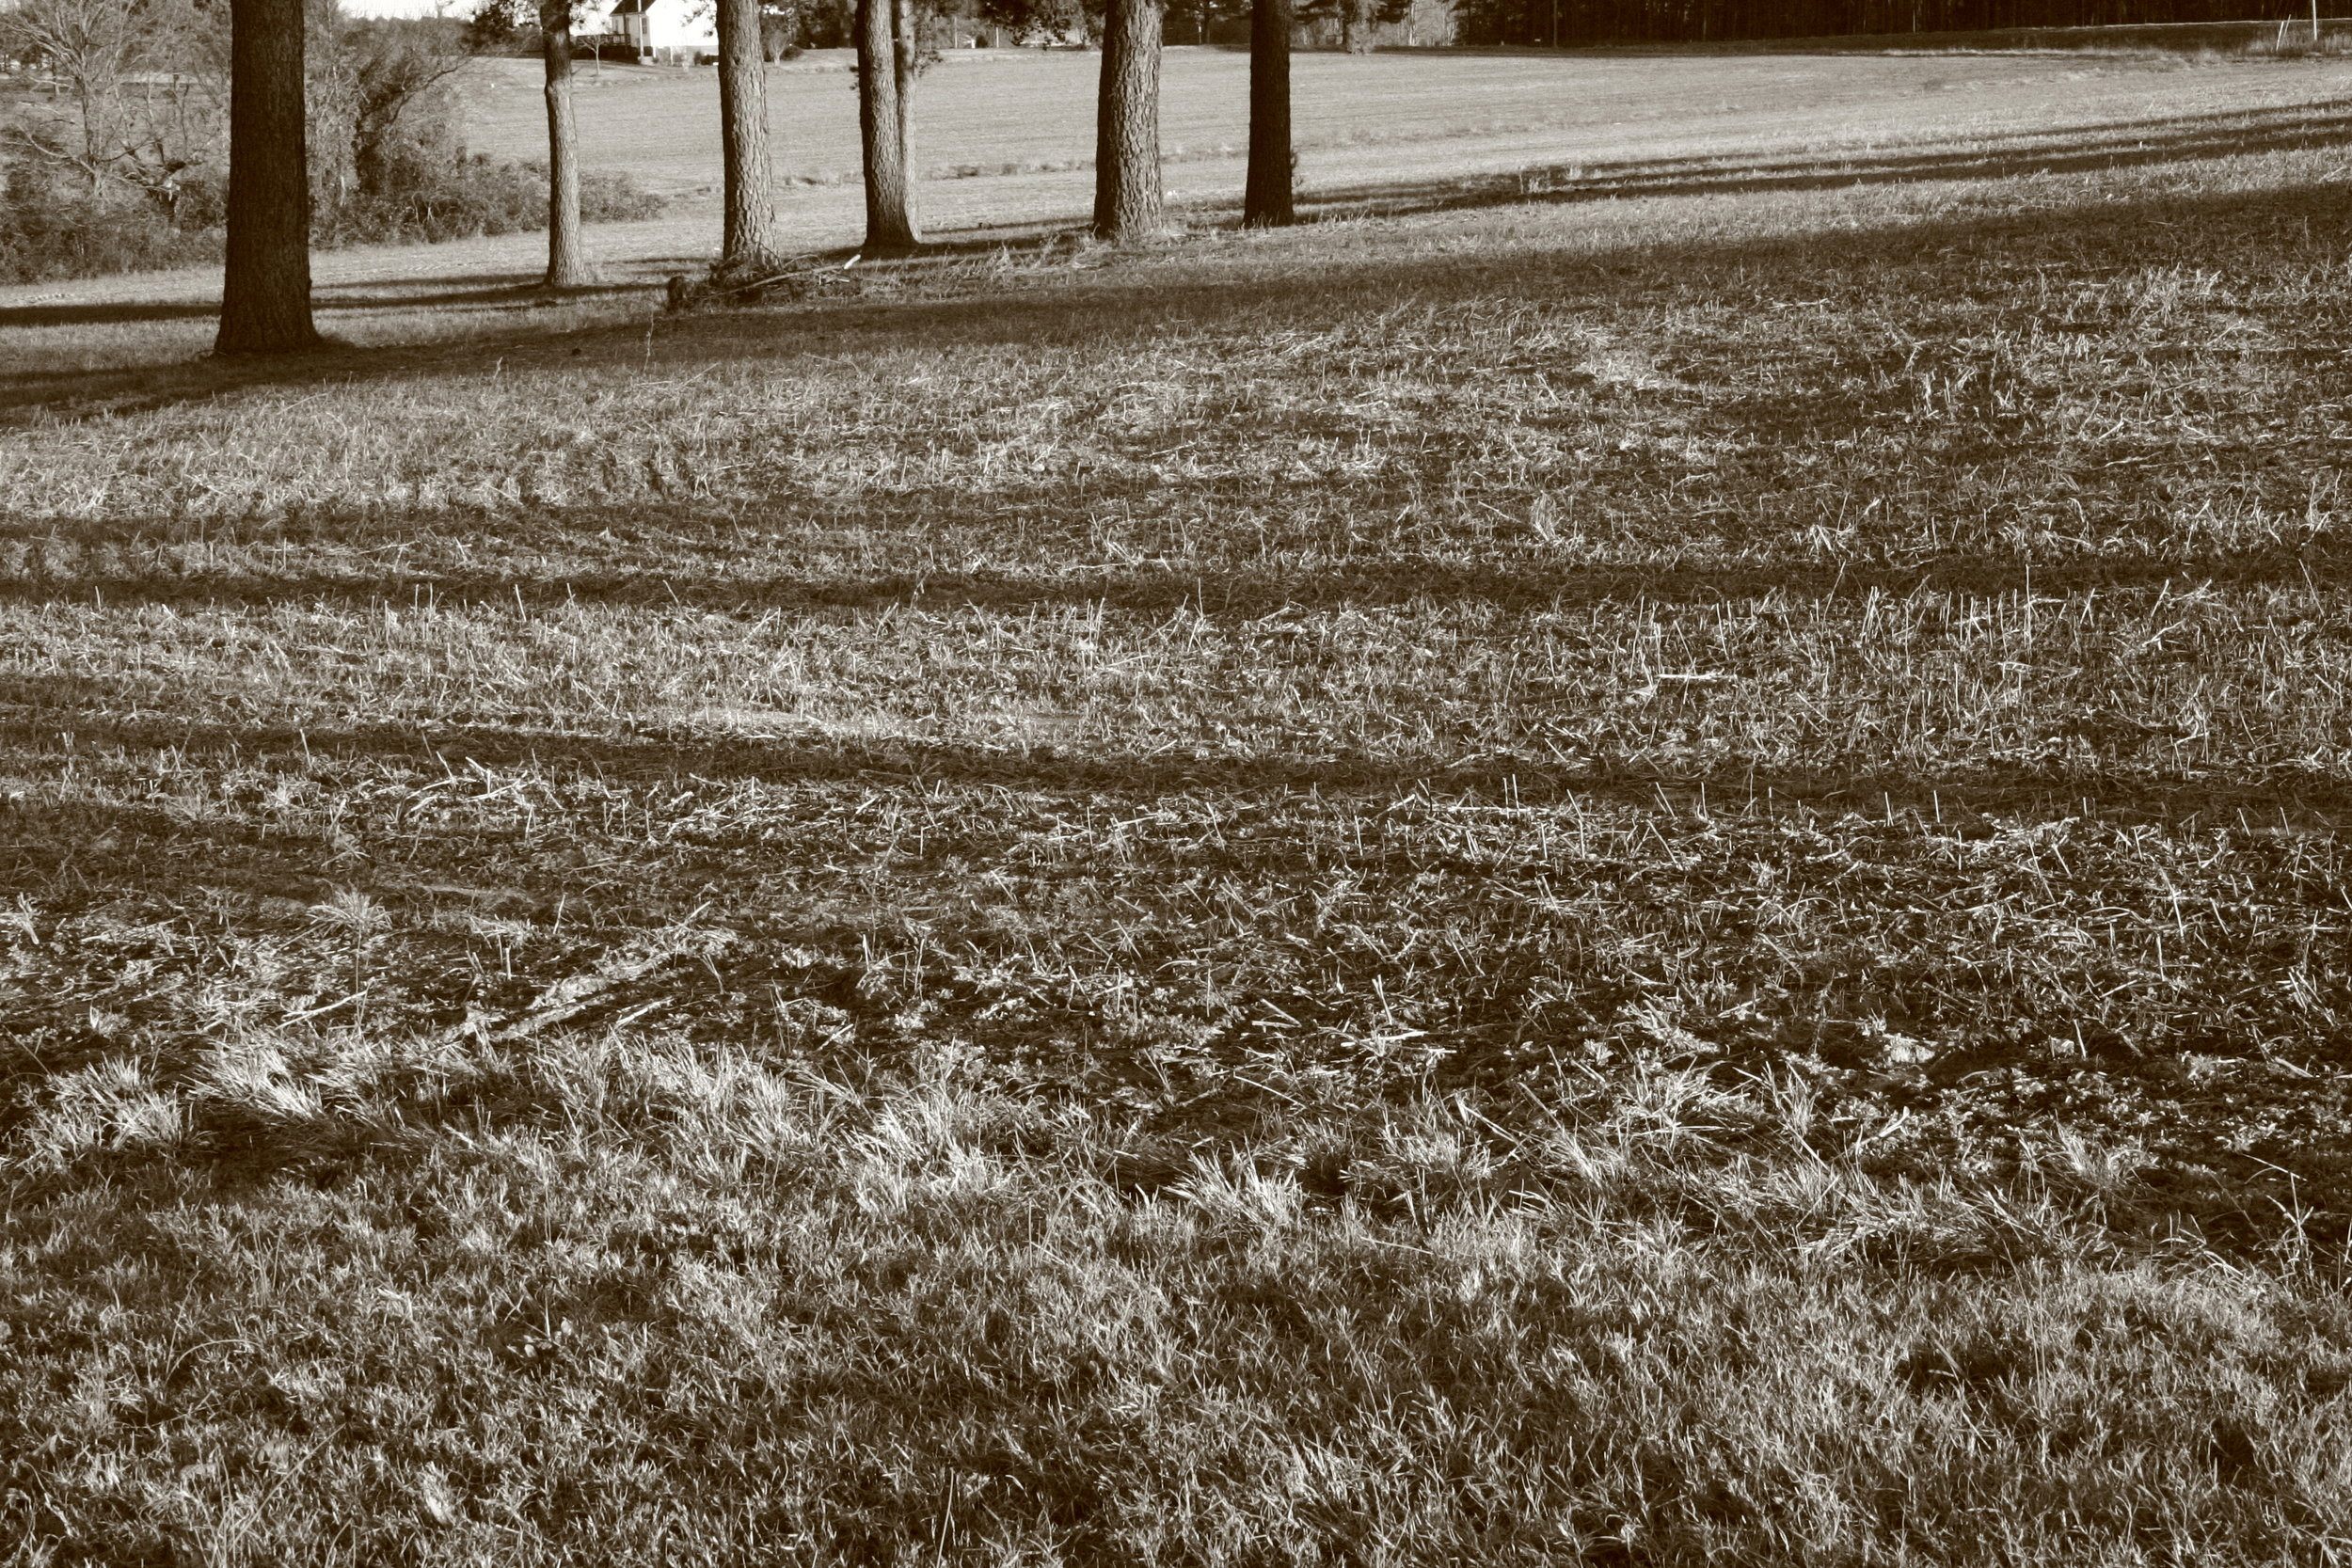 Soybean field in winter at Piercy family farm.